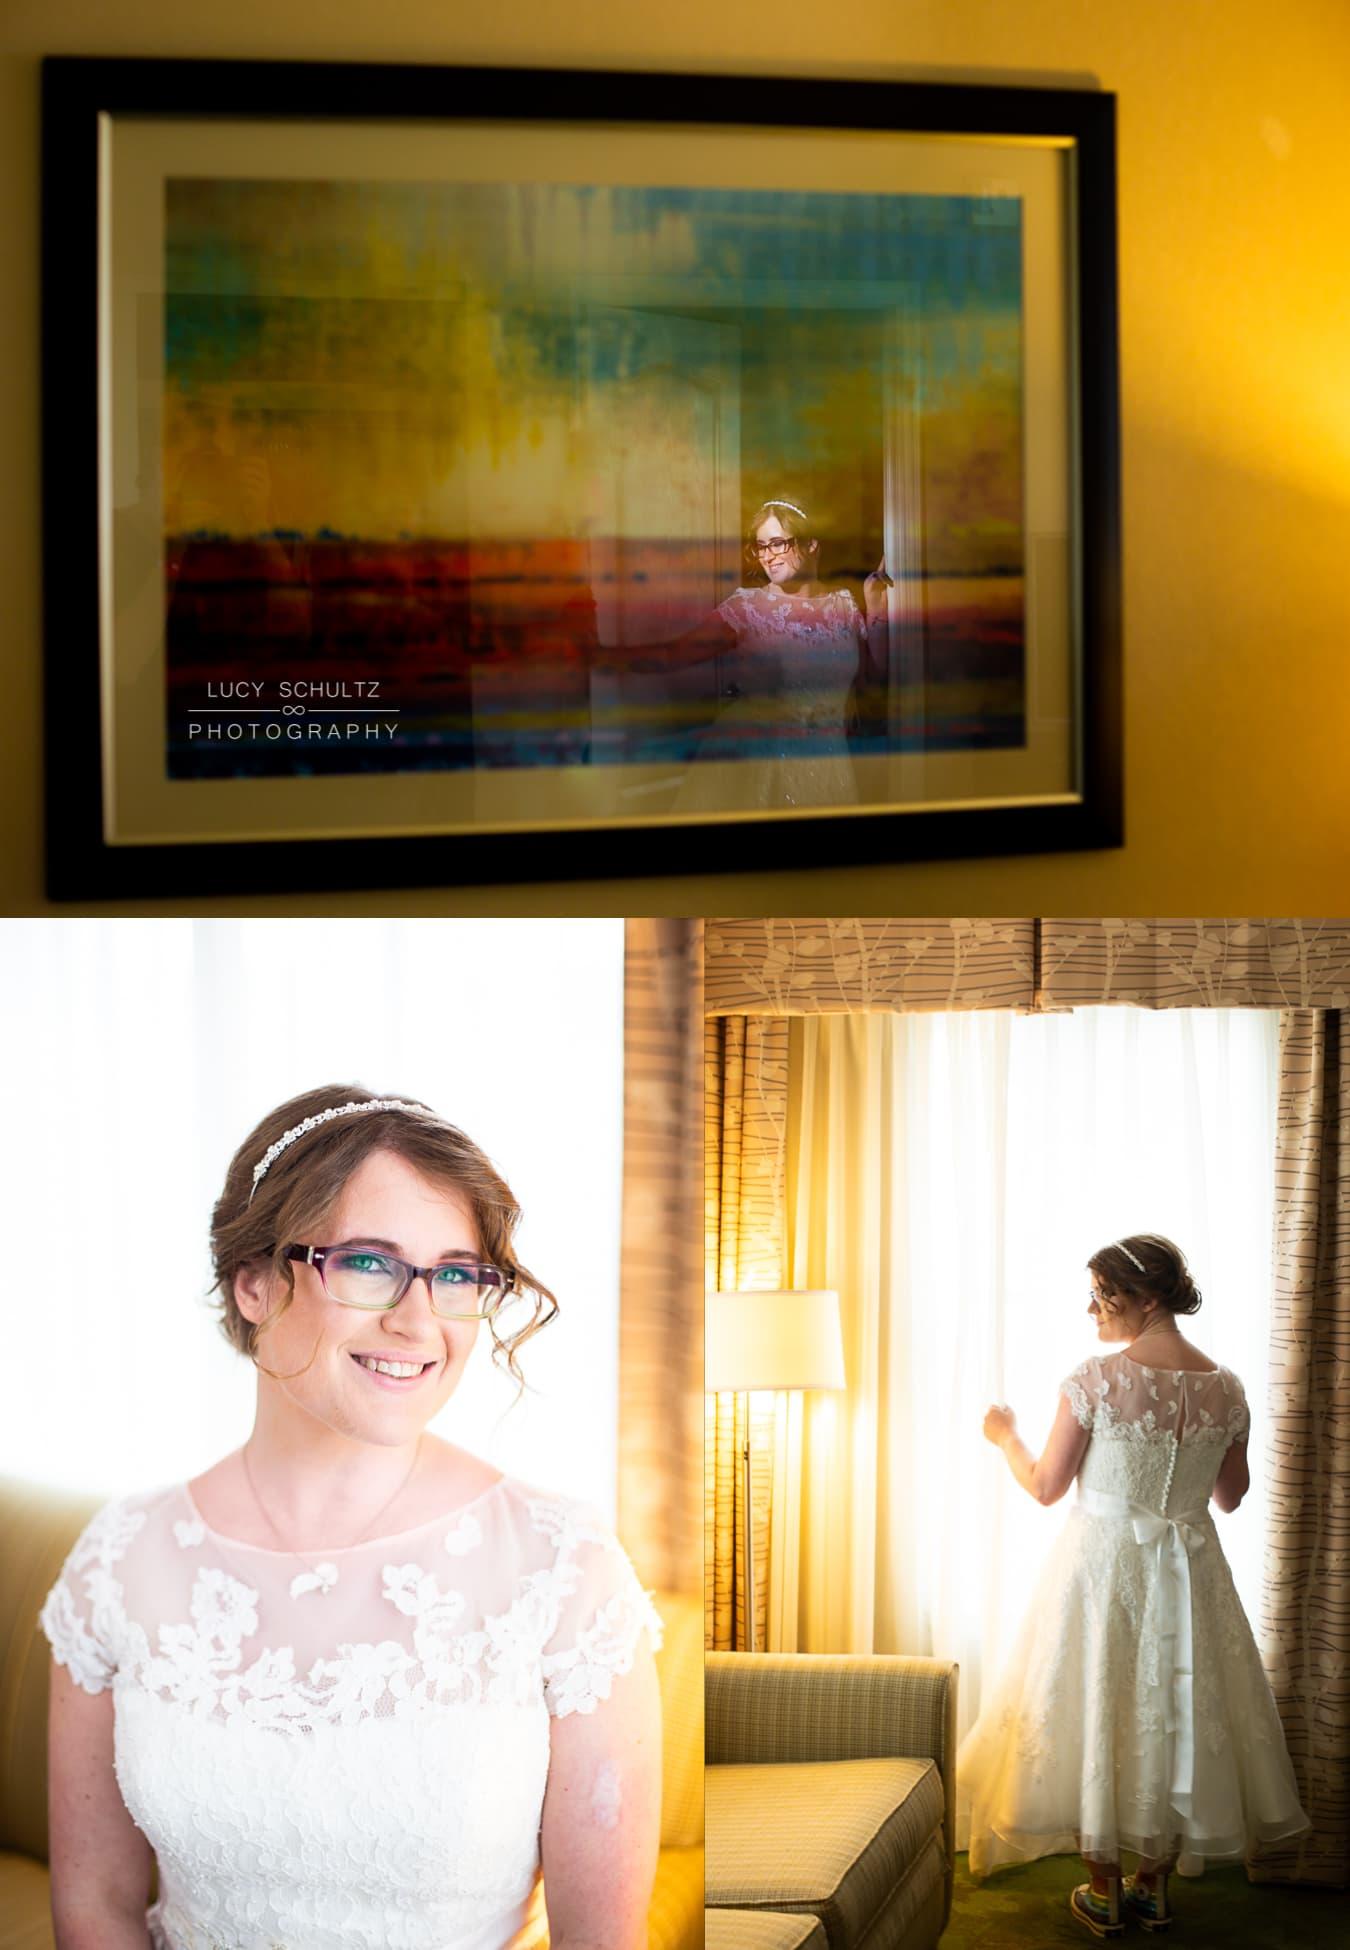 3BeautifulBridePortraitsLGBTWeddingPhotographer